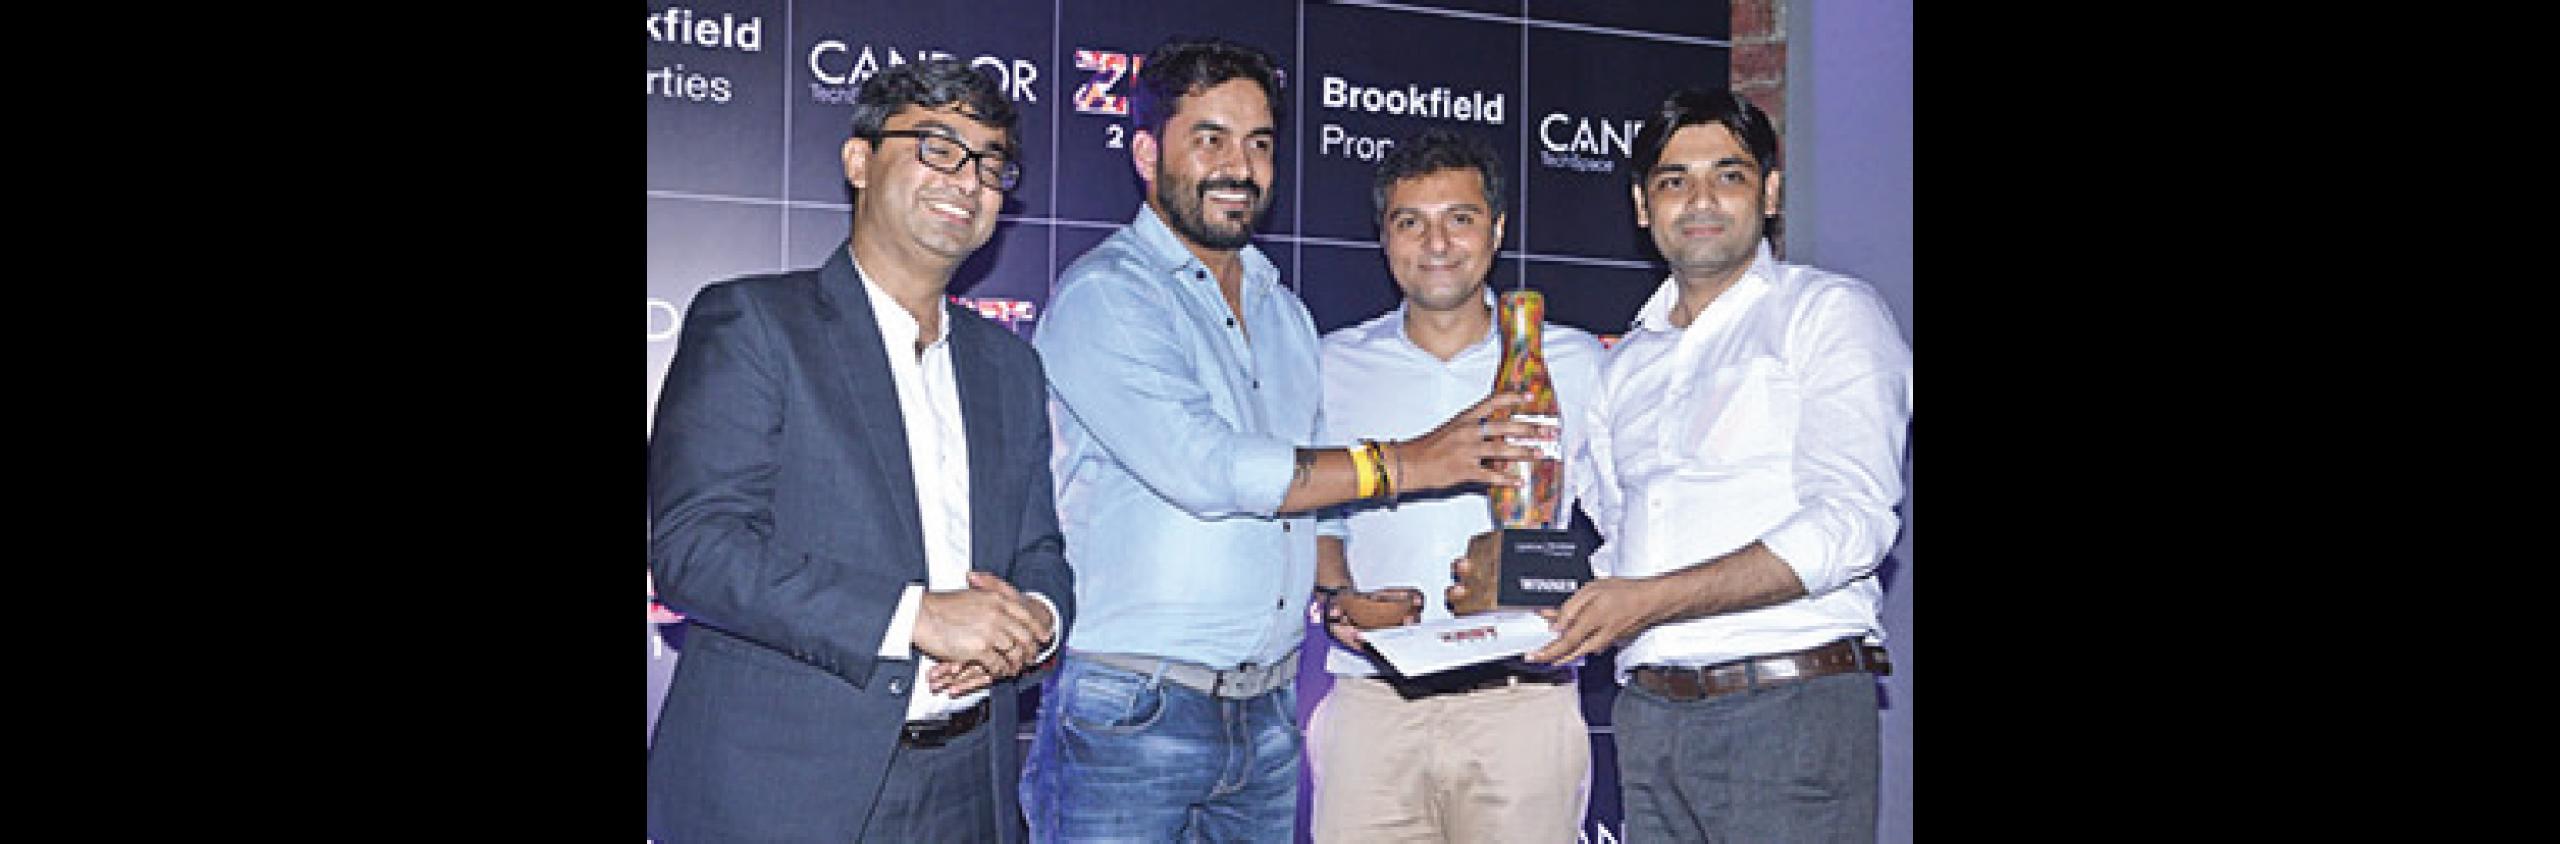 A winning team being felicitated - Candor TechSpace